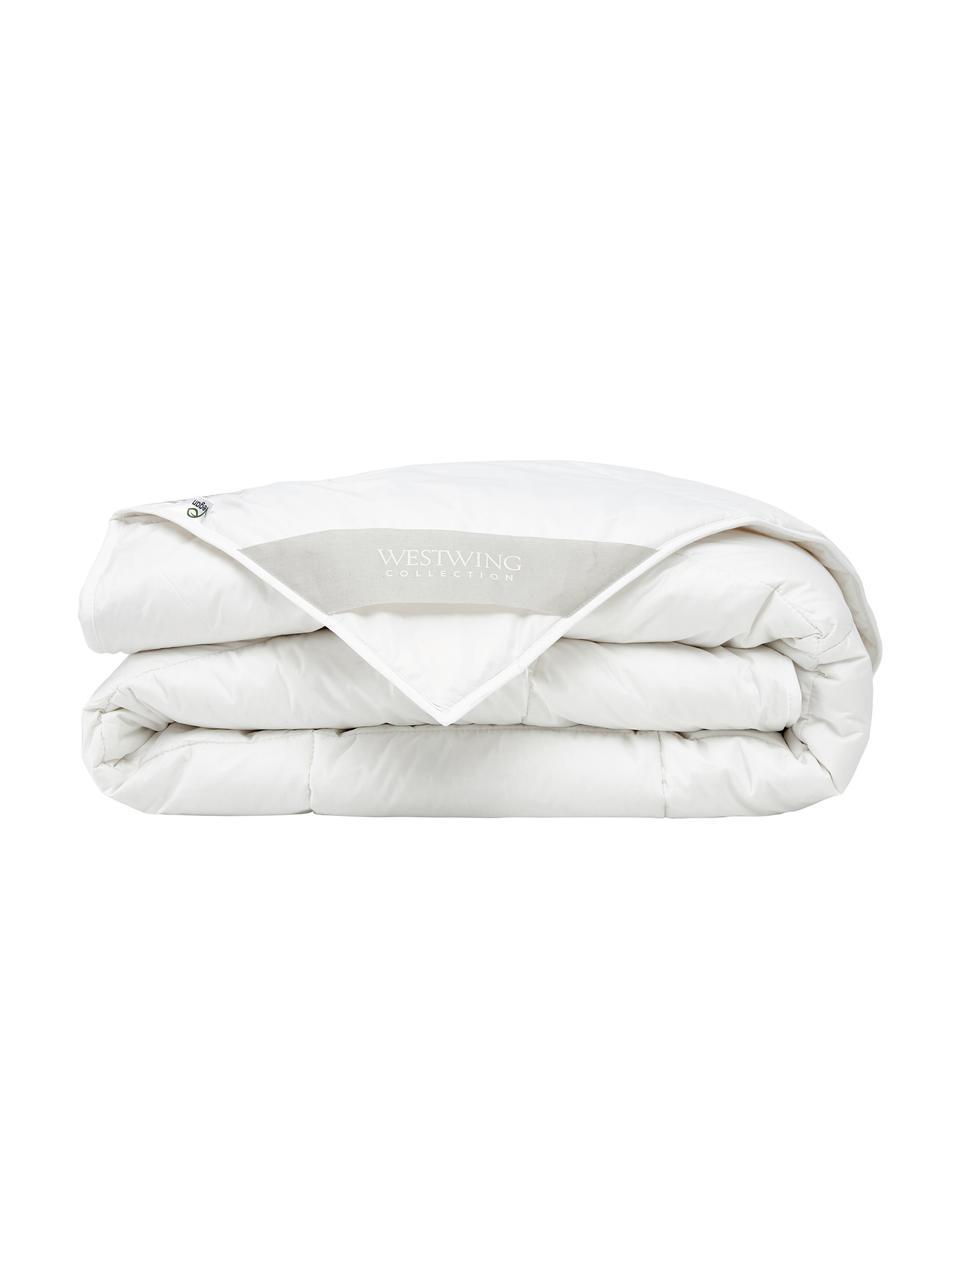 Wegańska kołdra z kapoka i bawełny, standard, Tapicerka: 100% bawełna, Biały, S 240 x D 220 cm